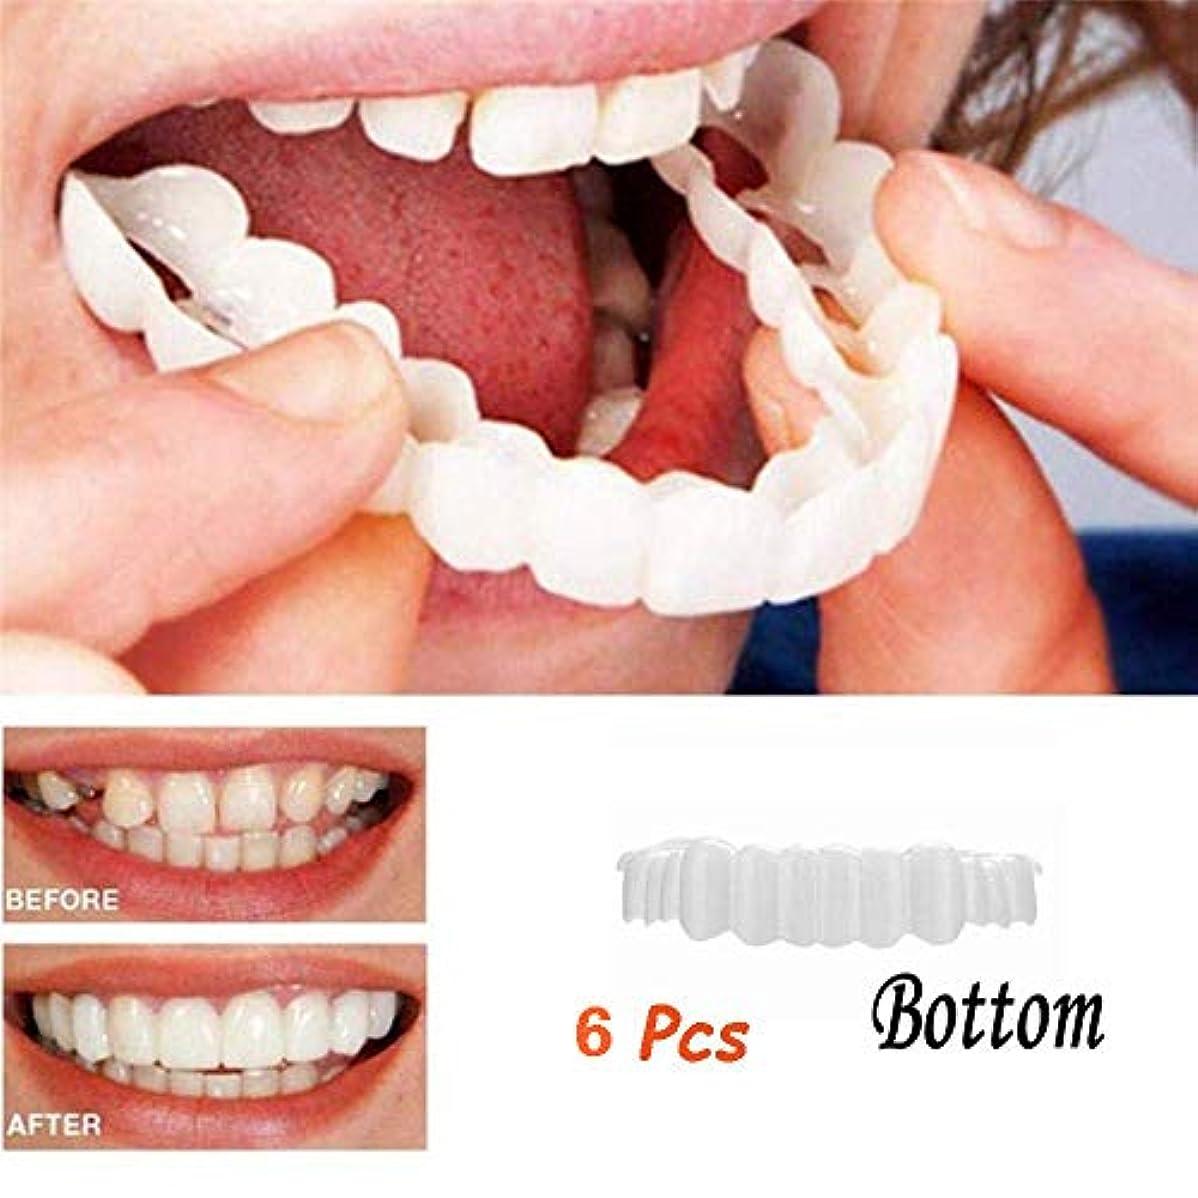 適用済み約想像力豊かな下化粧品の歯の快適さフィットフレックス化粧品歯義歯歯のすぐホワイトニングスナップインサイズ笑顔サイズフィットほとんど-6個